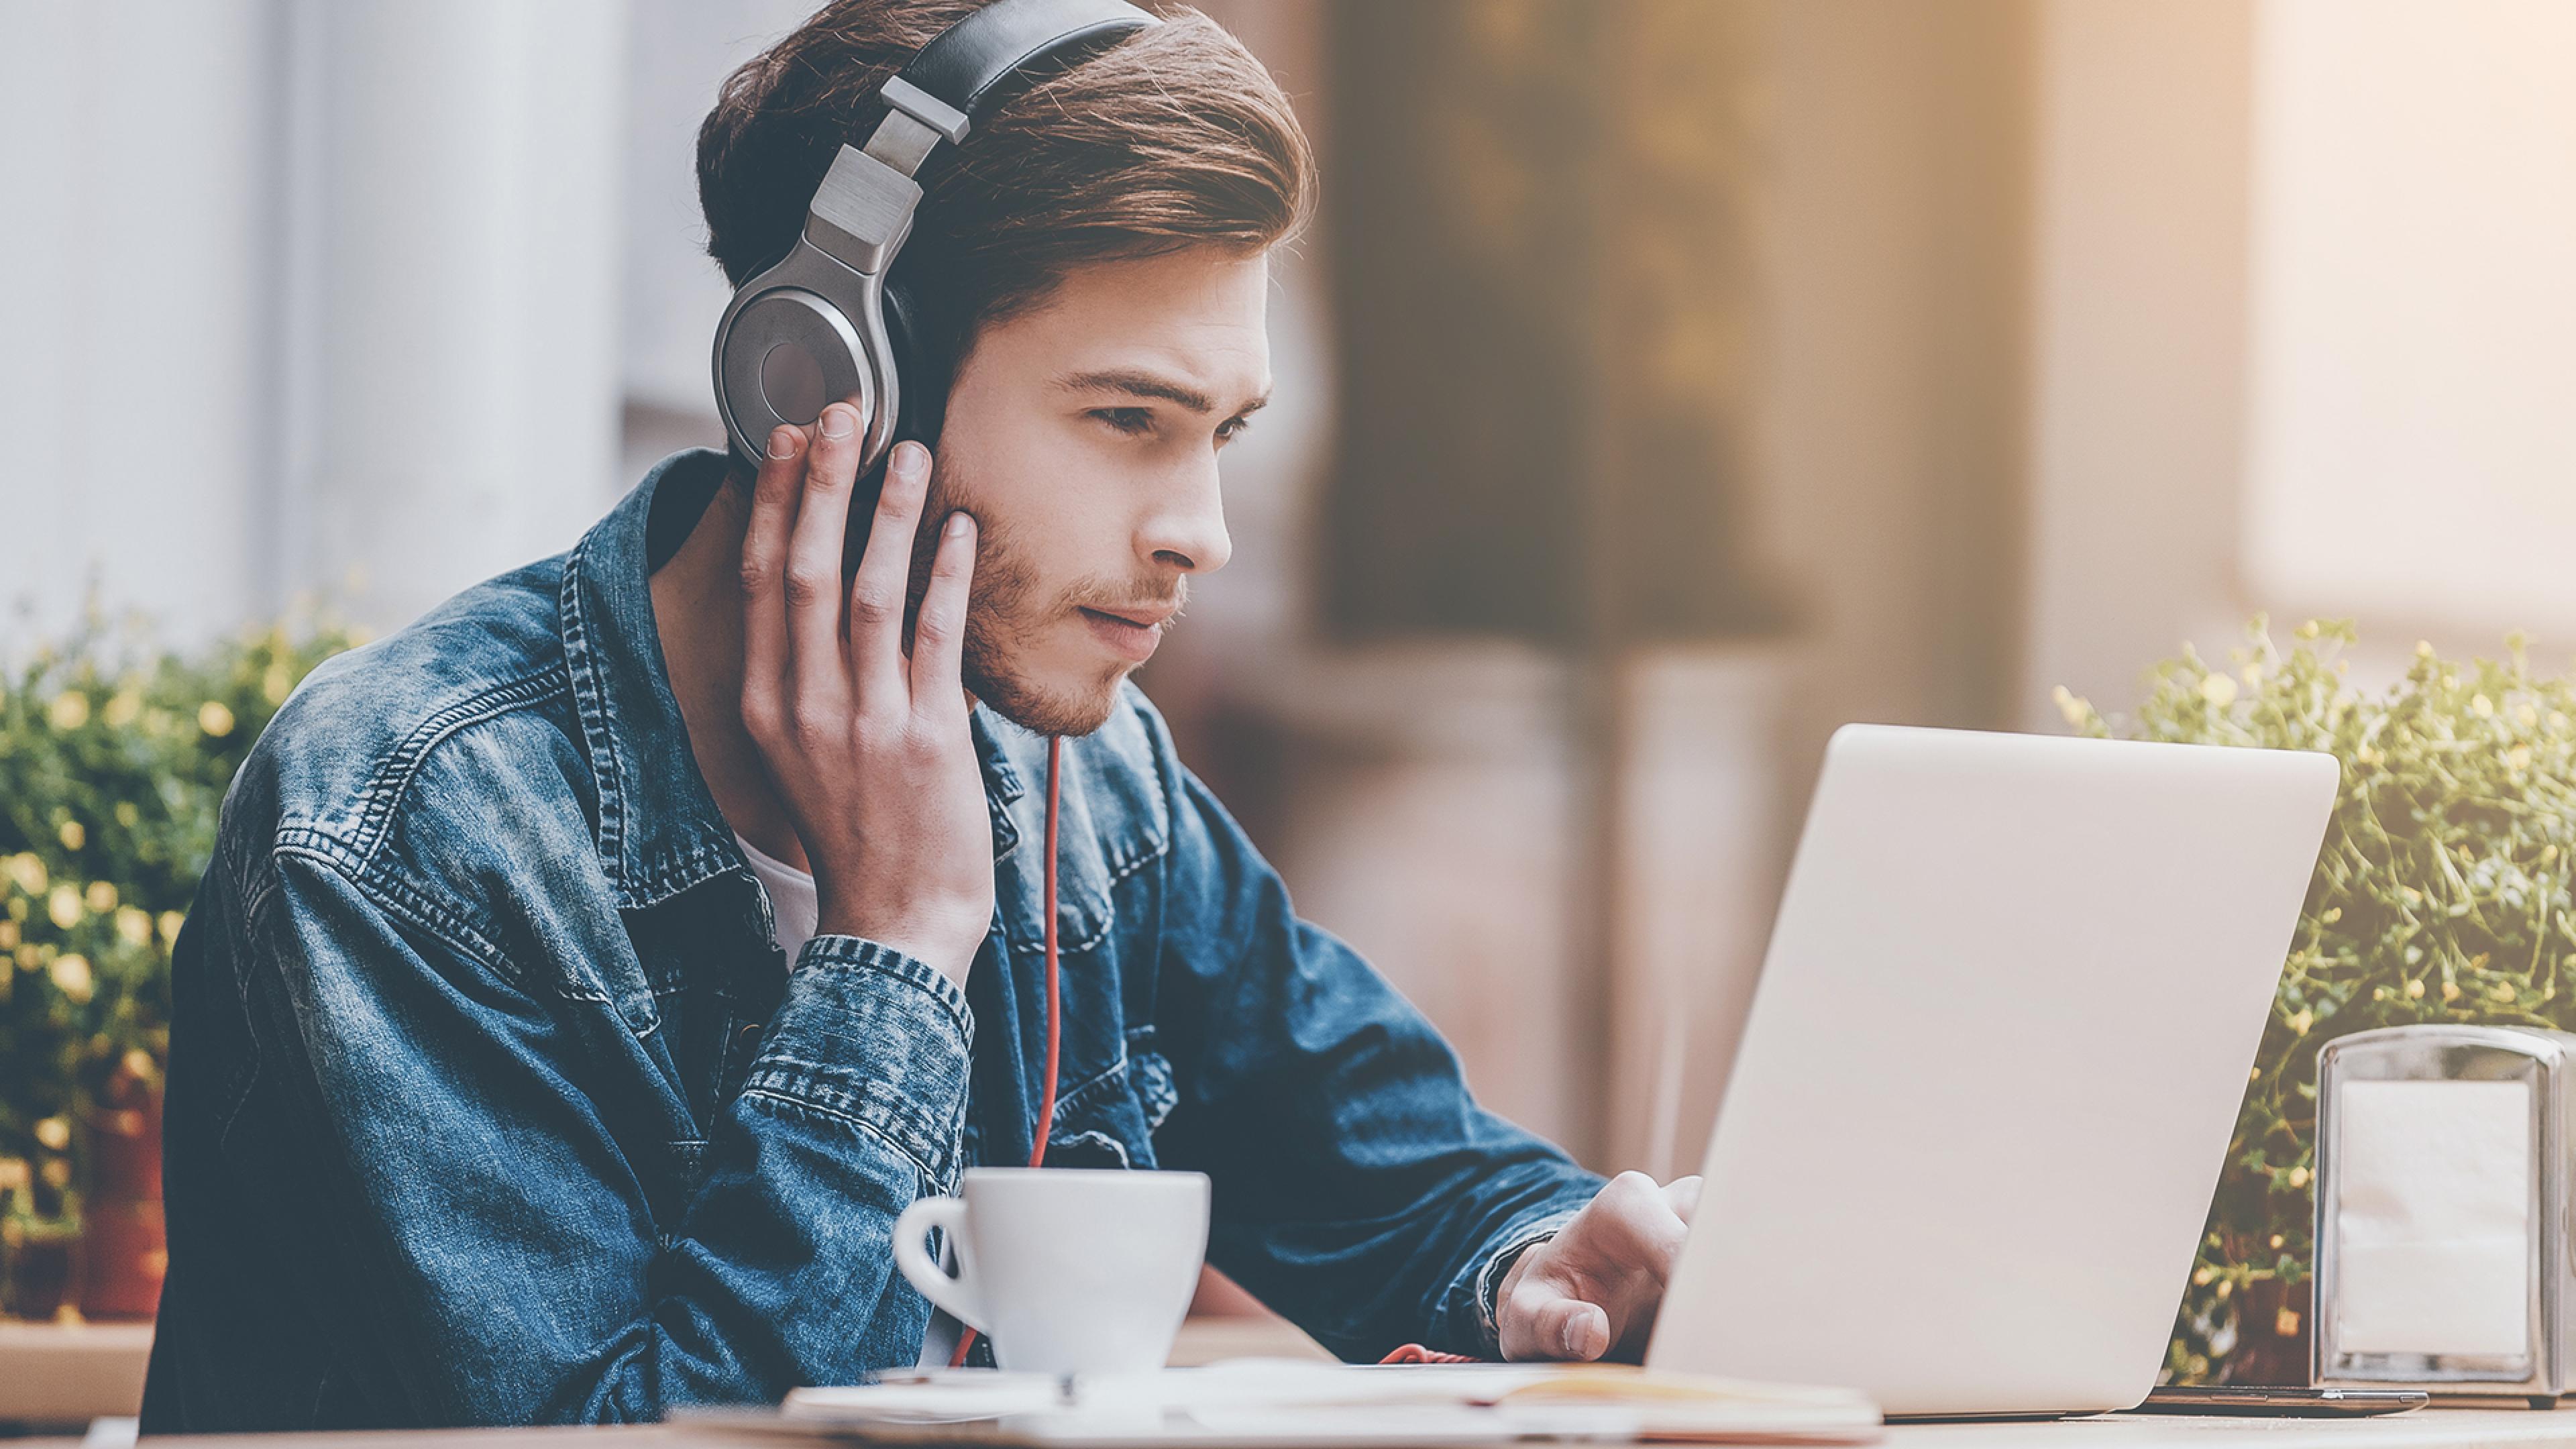 Luyện nghe IELTS trực tuyến đem lại nhiều lợi ích và hiệu quả